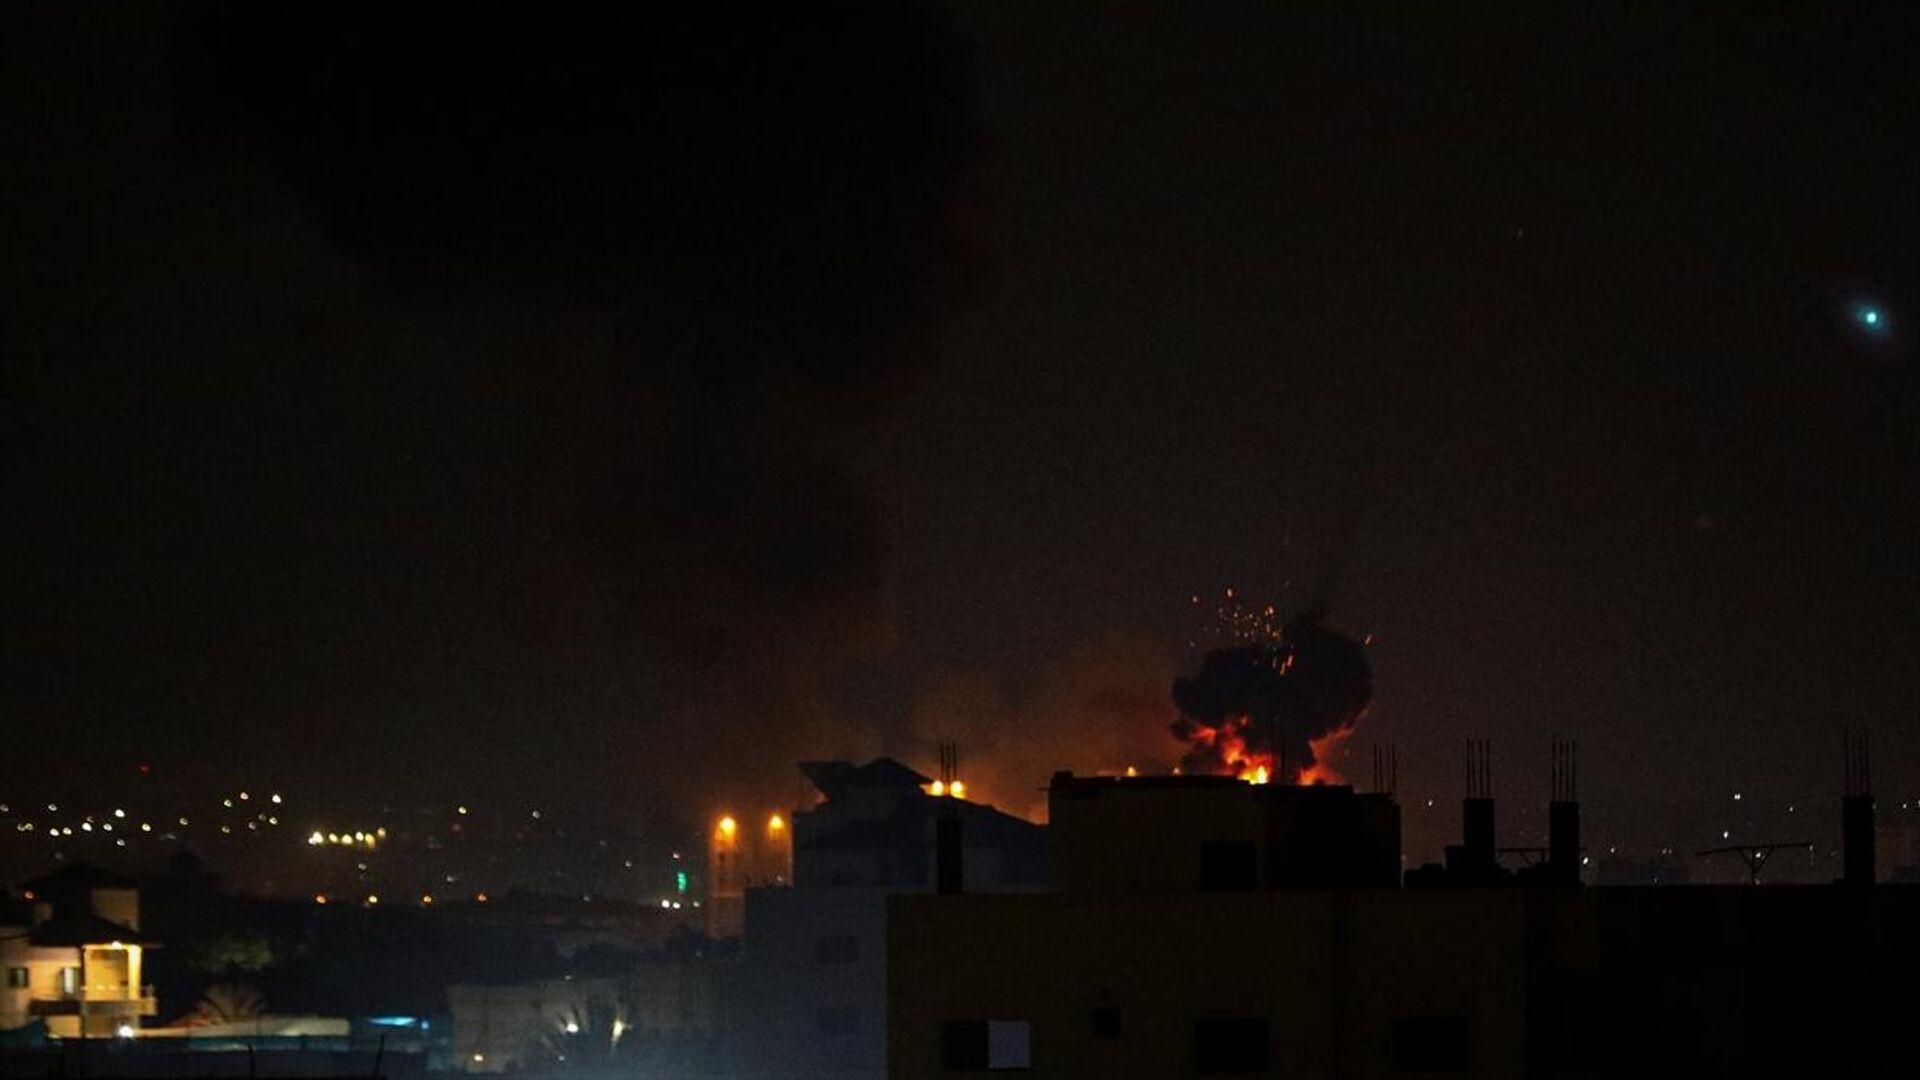 İsrail ordusu, abluka altındaki Gazze Şeridi'nde bazı noktalara hava saldırısı düzenledi. Saldırının ardından bölgeden dumanlar yükseldi. - Sputnik Türkiye, 1920, 24.08.2021